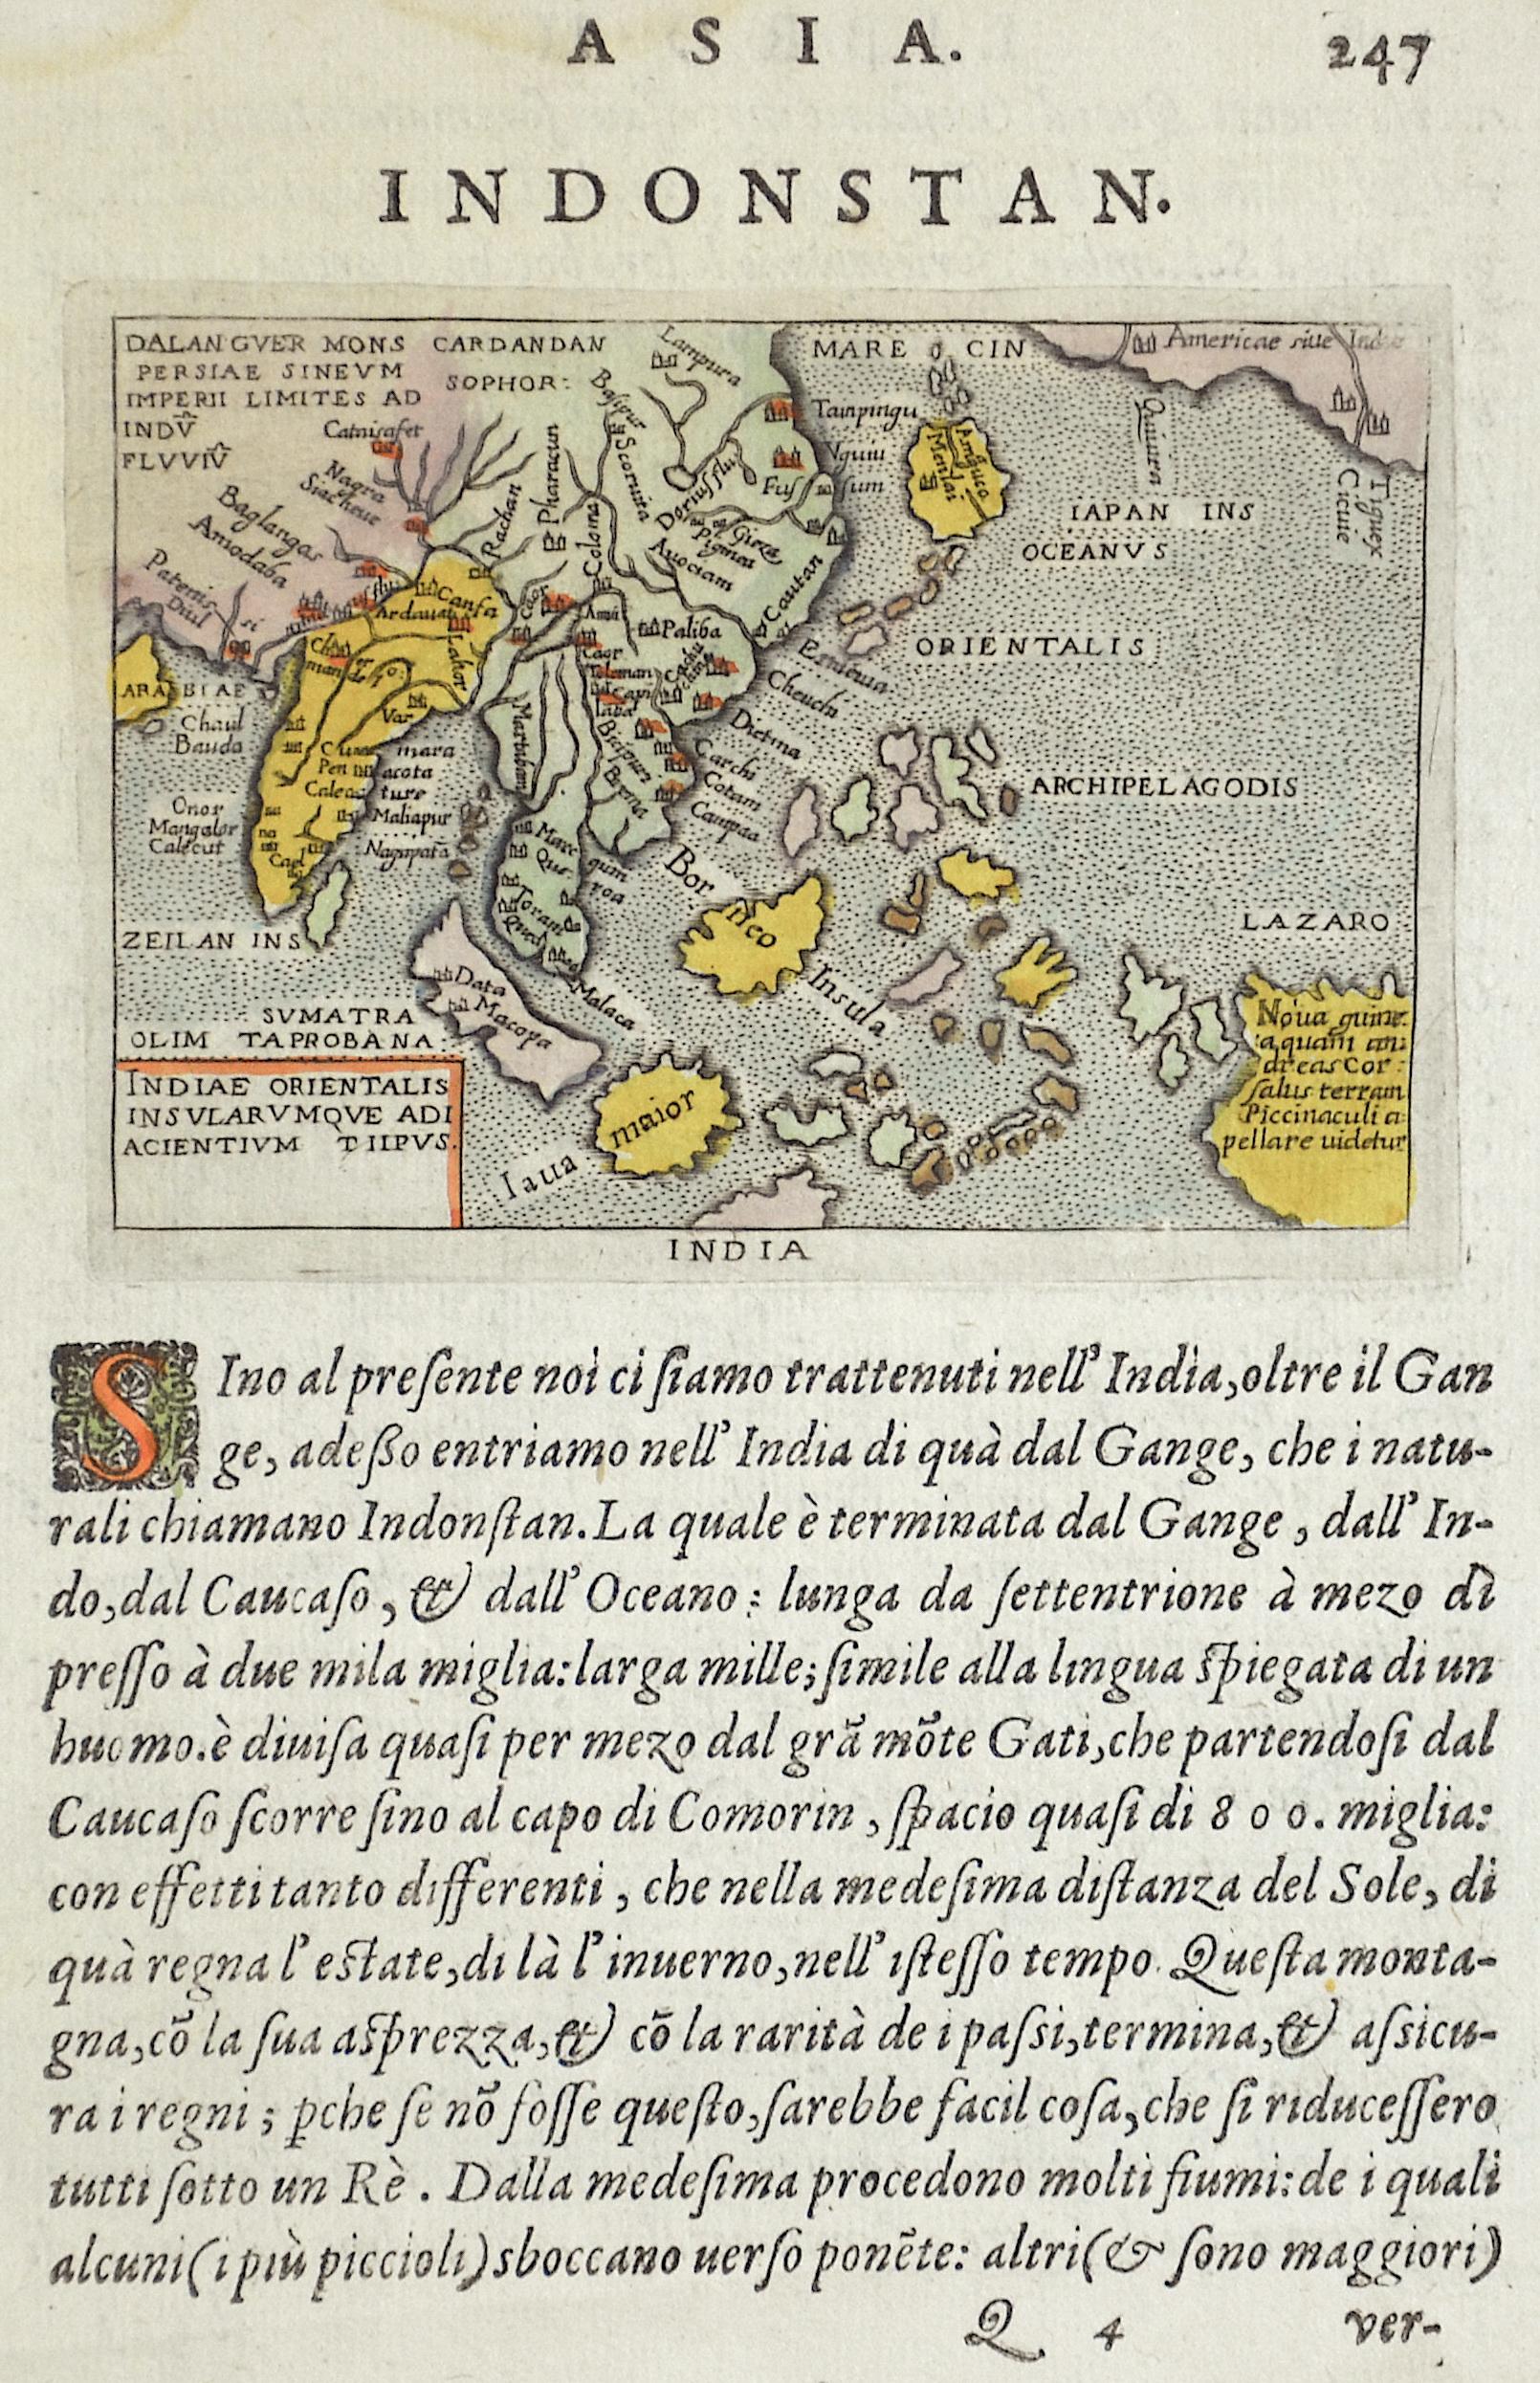 Lasor a Varea  Asia. Indostan. Indiae Orientalis Insularum que adi Acientium tiipus.